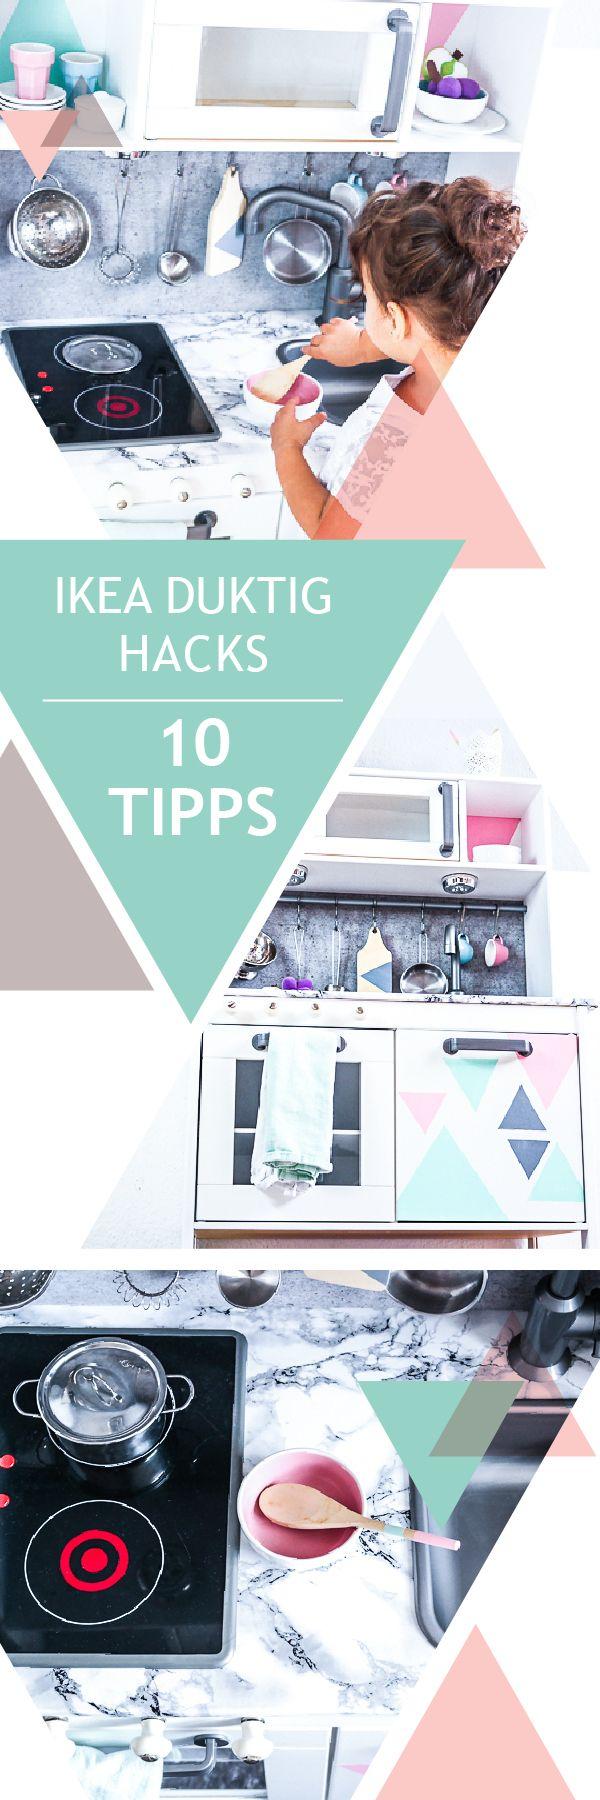 IKEA DUKTIG Kinderküche pimpen – 10 einfache DIY Tricks für eure Spielküche // Werbung